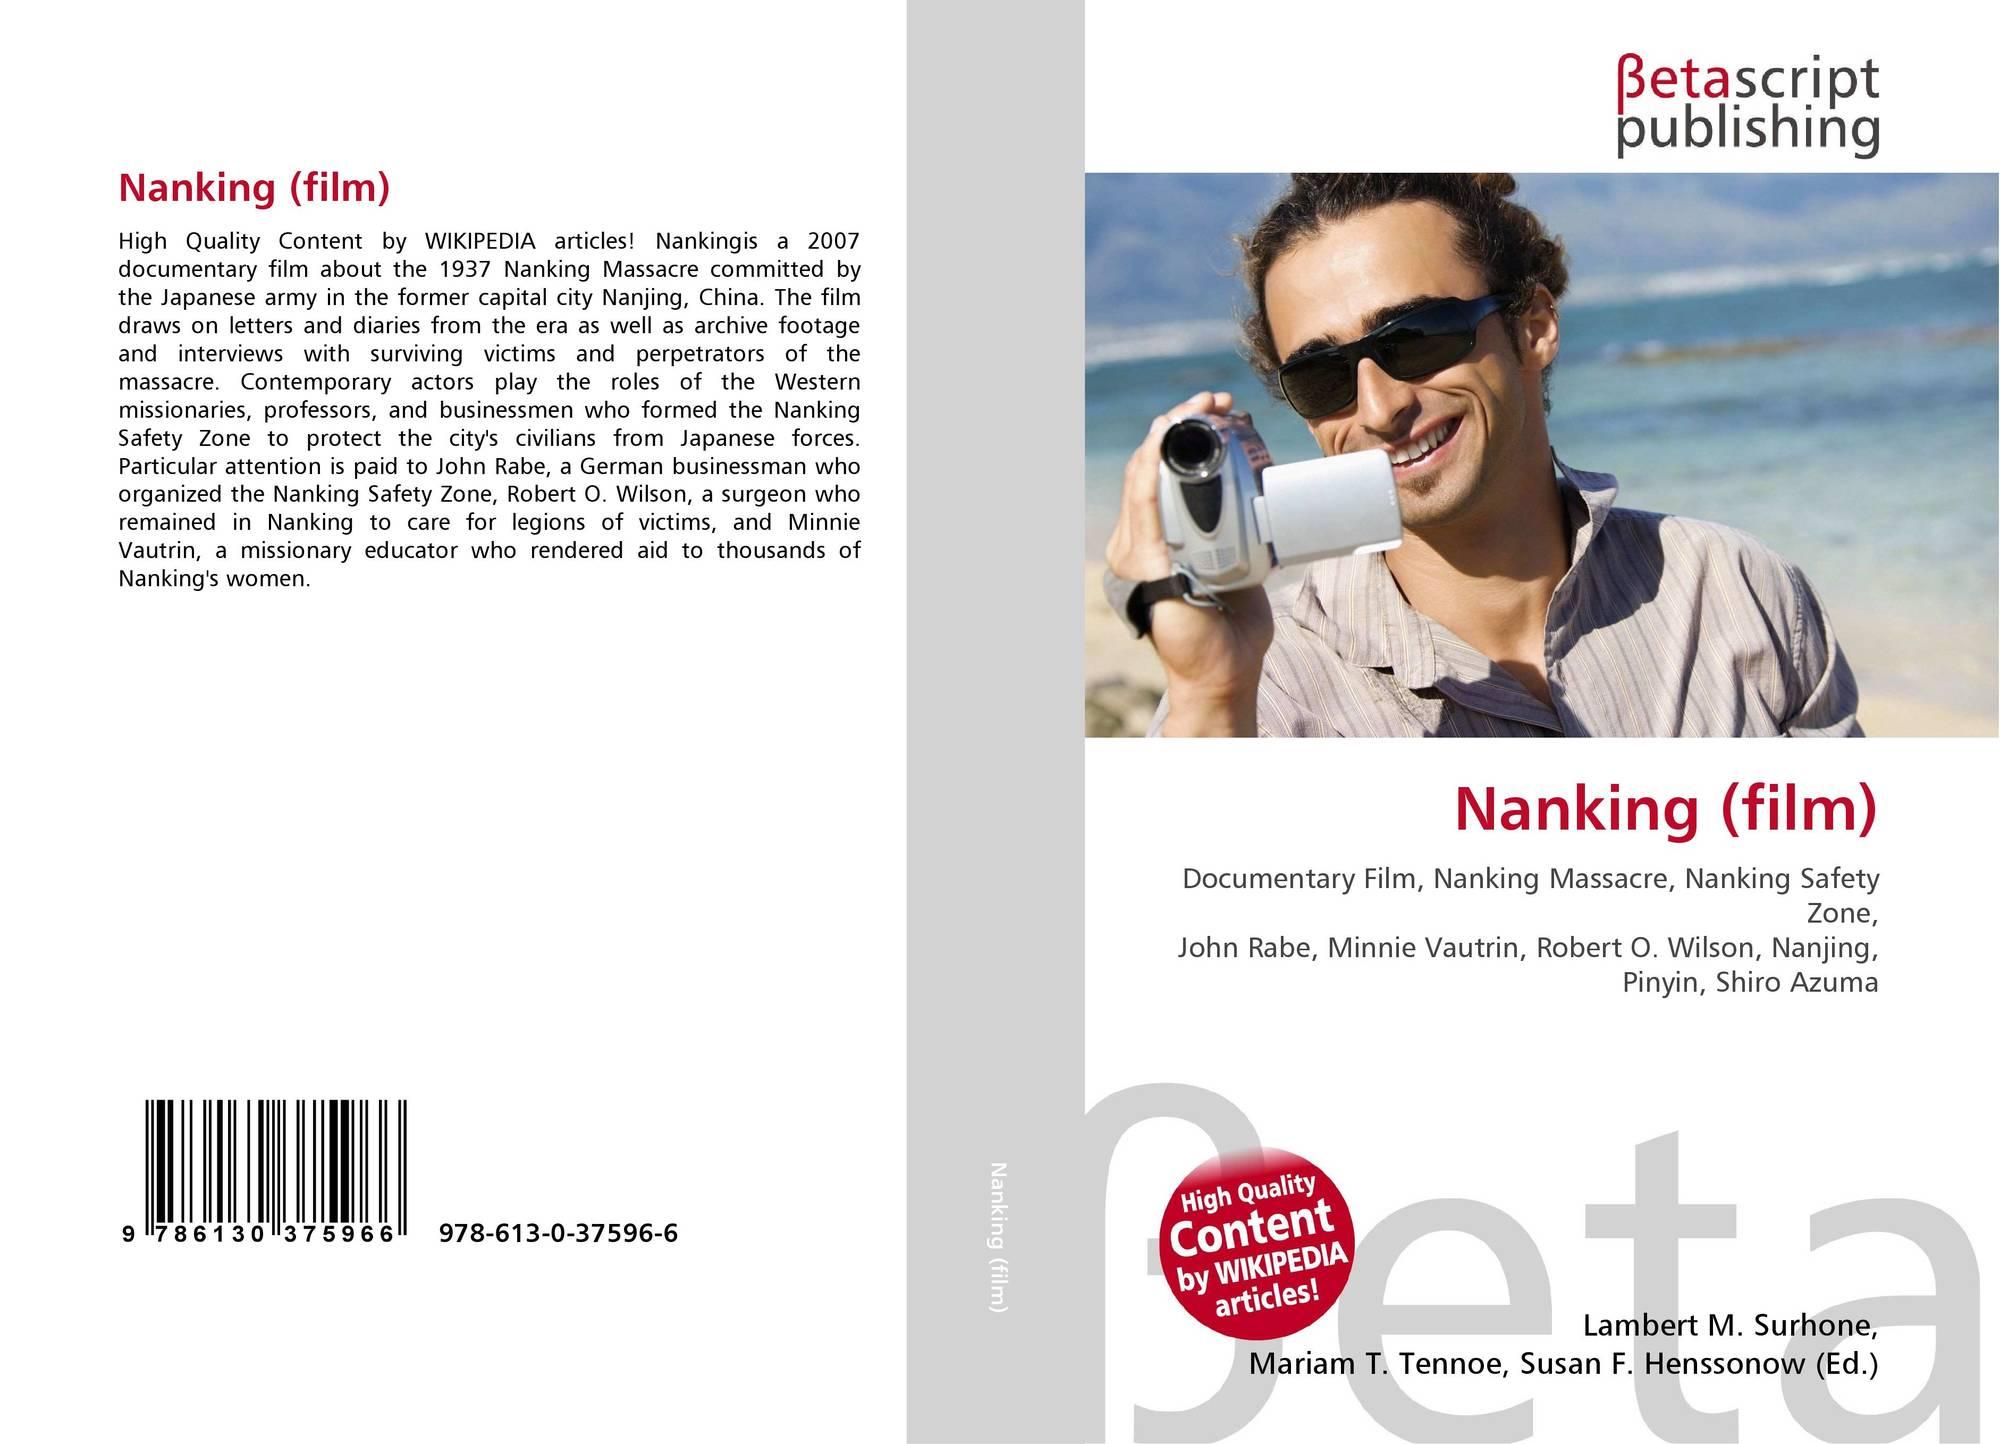 Nanking (film), 978-613-0-37596-6, 6130375964 ,9786130375966